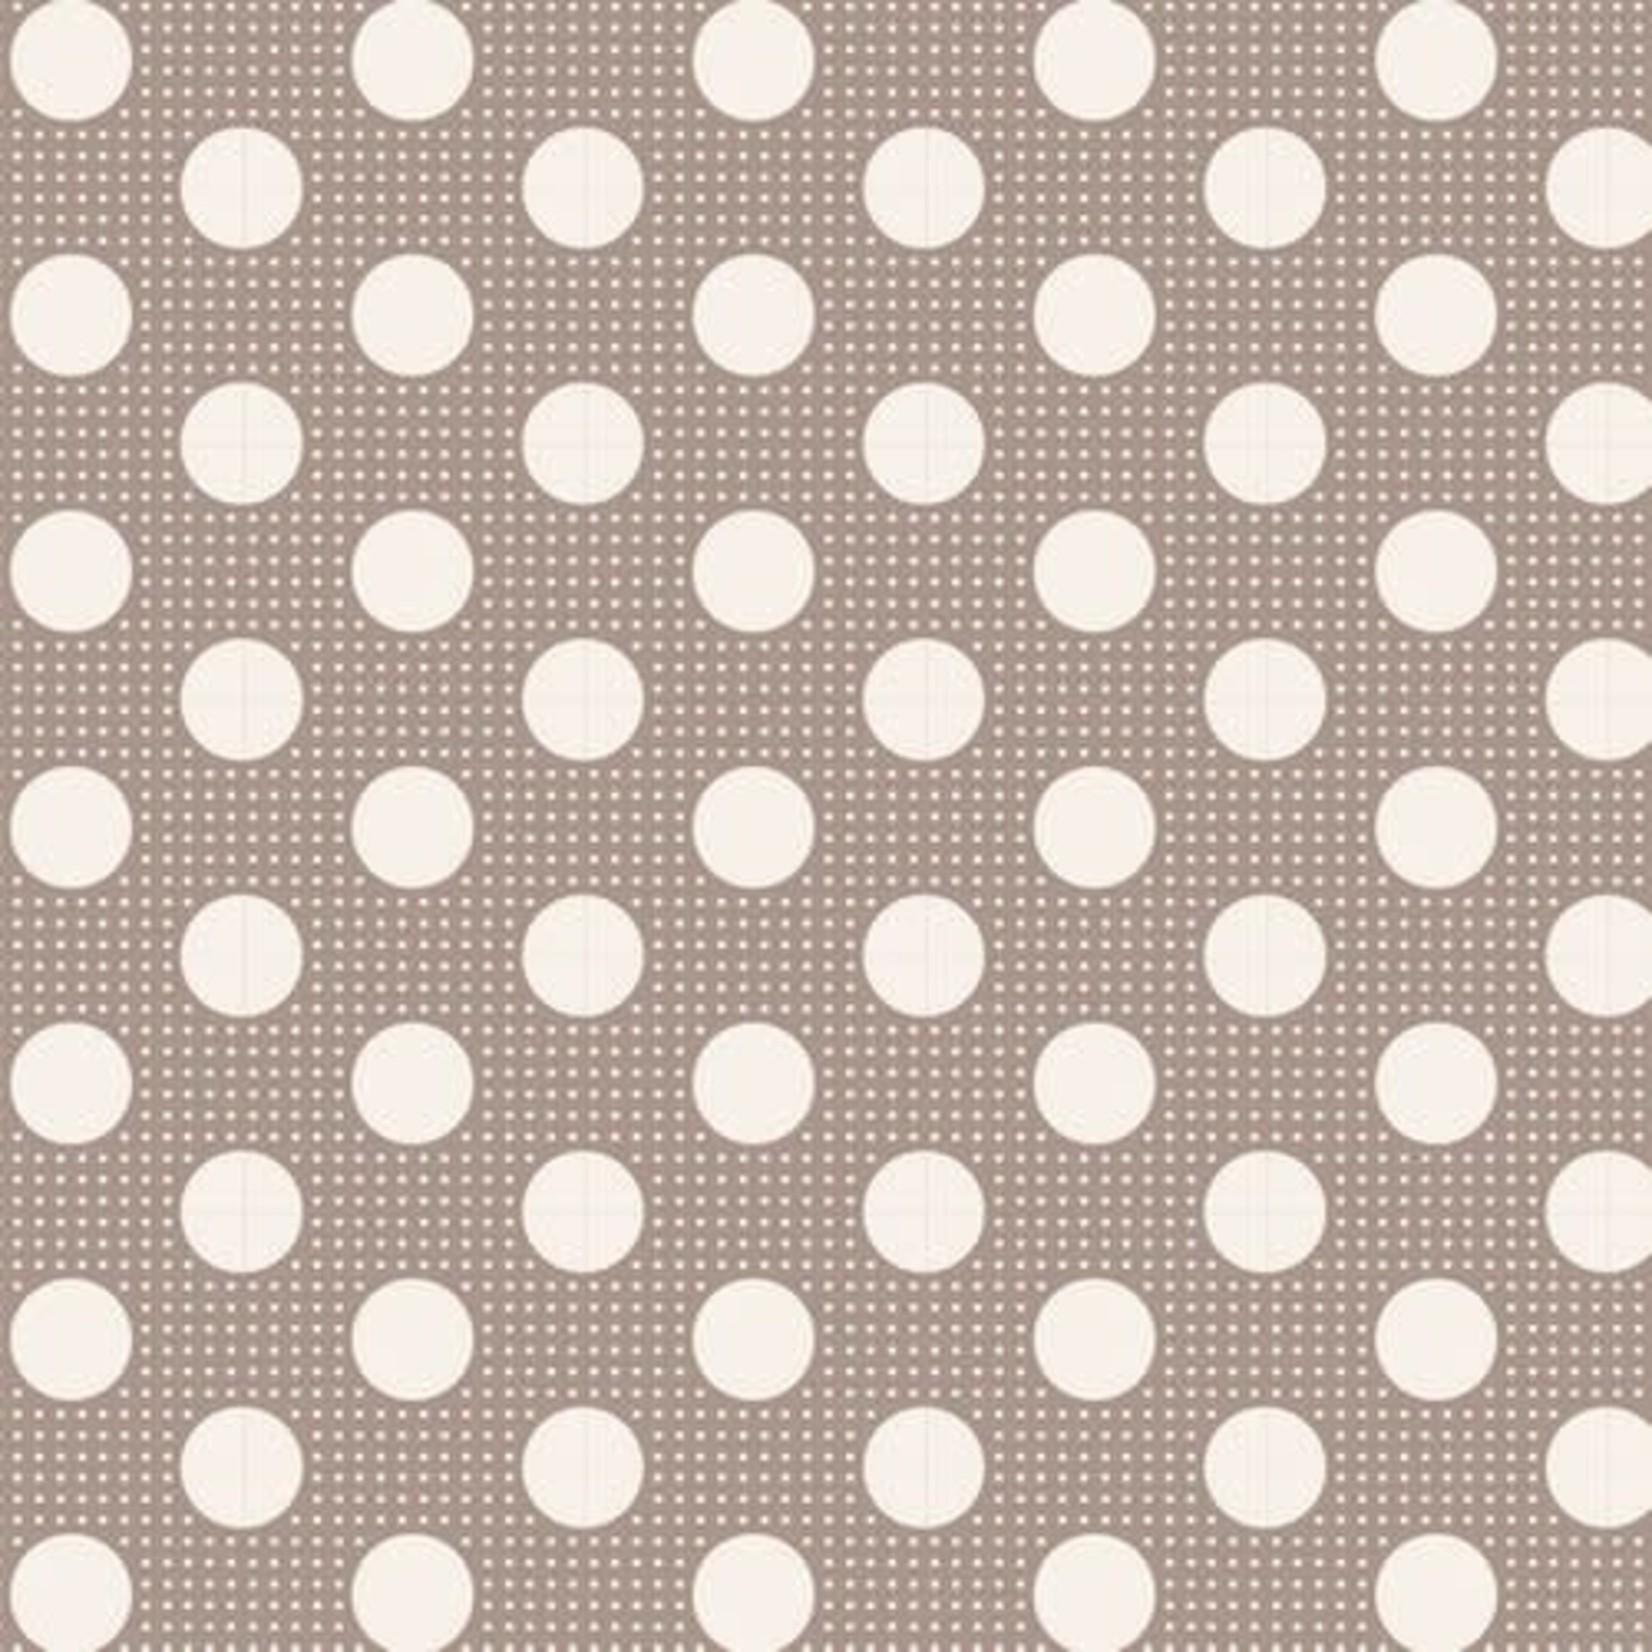 Tilda Tilda Basics Medium Dots, Grey 130012 $0.20 per cm or $20/m